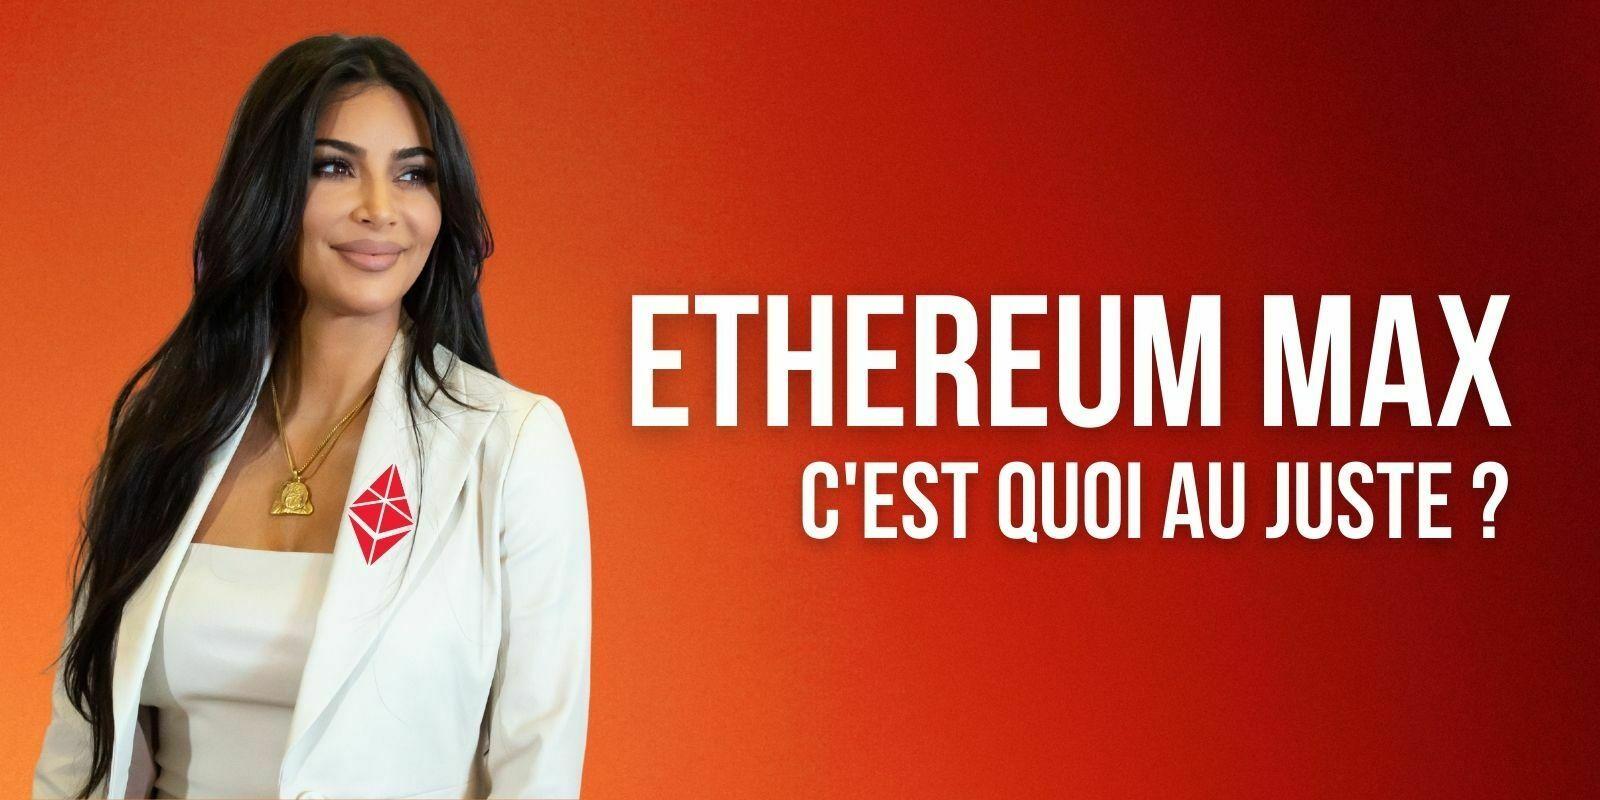 Qu'est-ce que l'«Ethereum Max», la crypto louche défendue par Kim Kardashian et Floyd Mayweather?